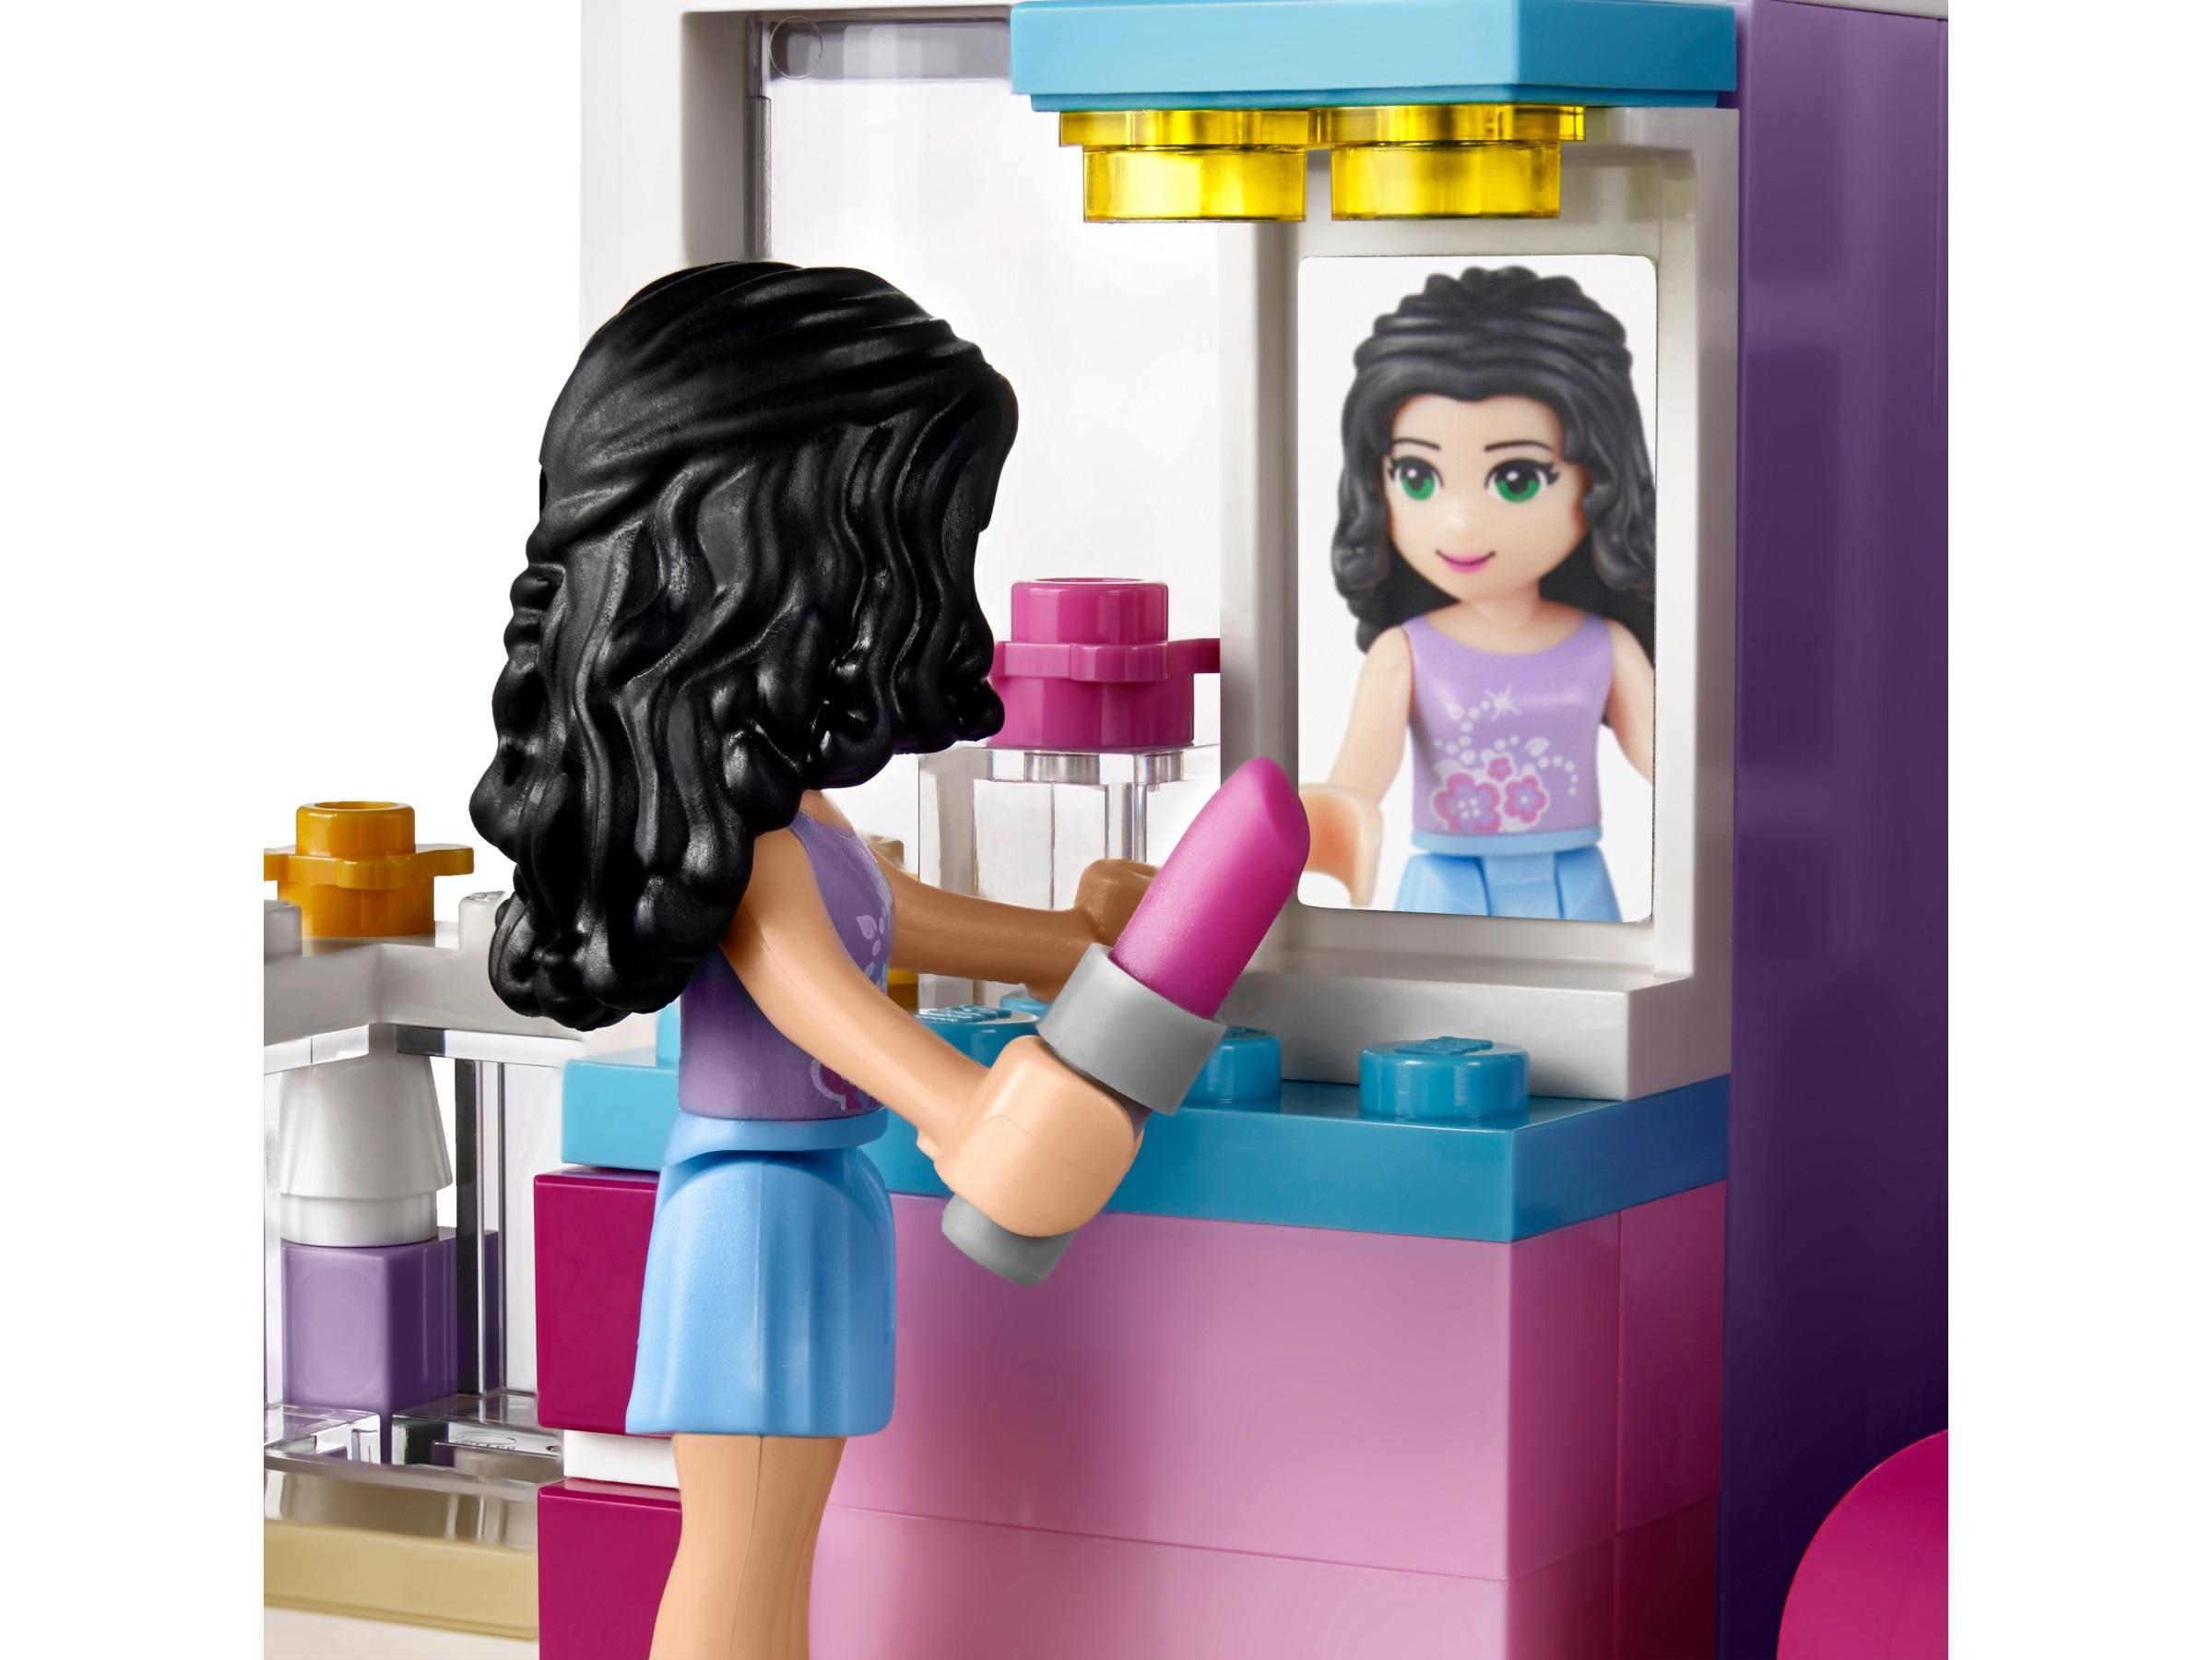 LEGO Friends 41095 Emmas Familienhaus Neu in OVP Neuheit